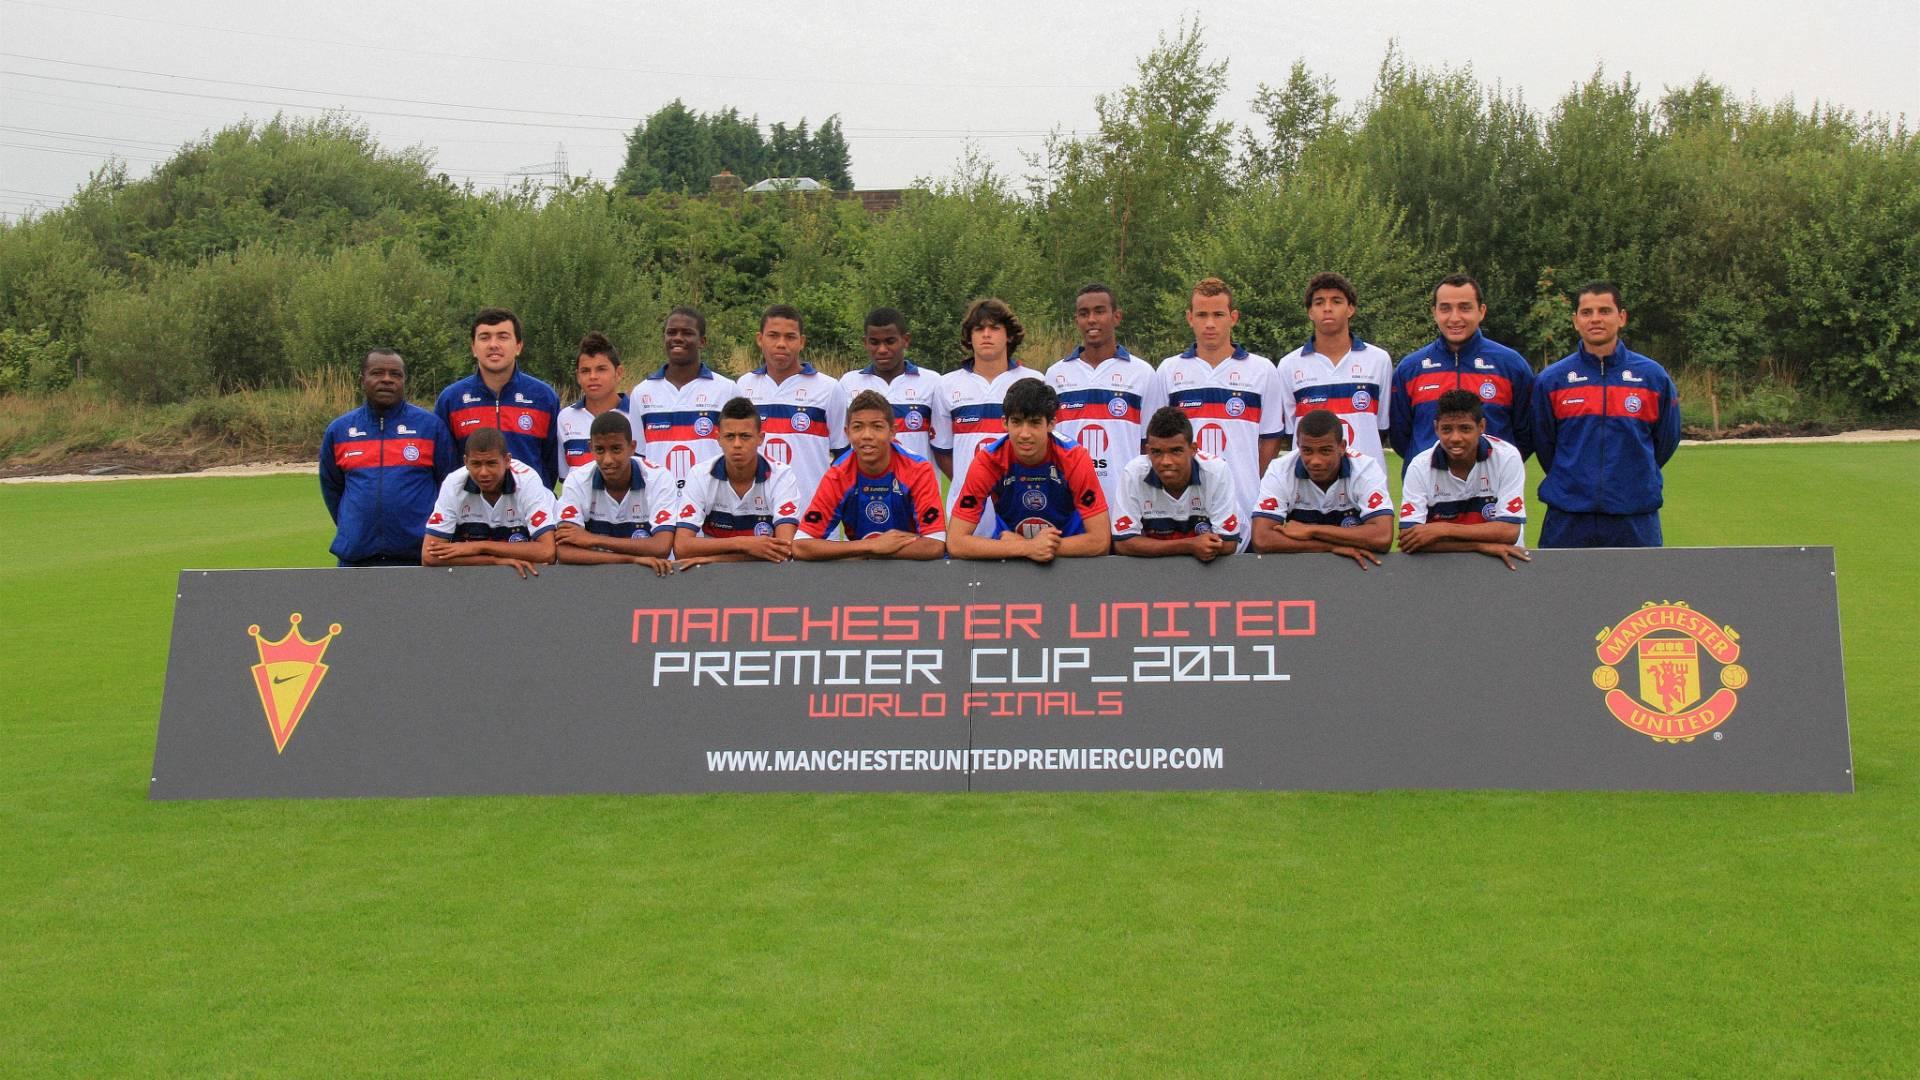 Equipe sub-15 do Bahia posa para foto durante torneio realizado na Inglaterra (03/08/2011)